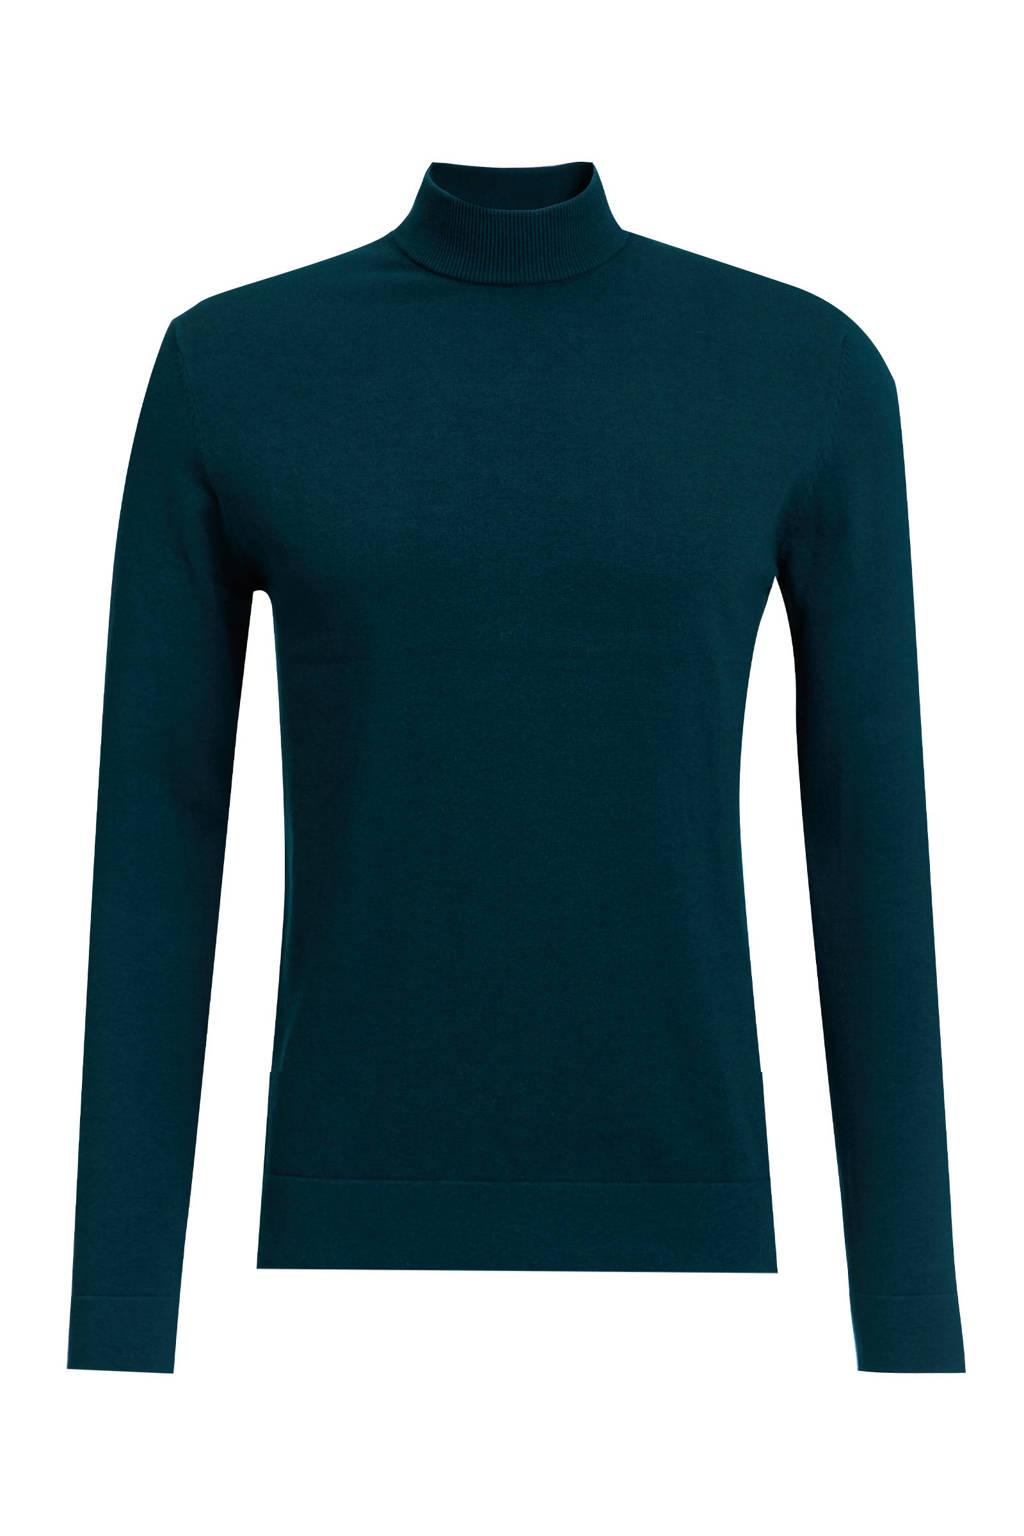 WE Fashion Fundamentals fijngebreide trui donkergroen, Donkergroen